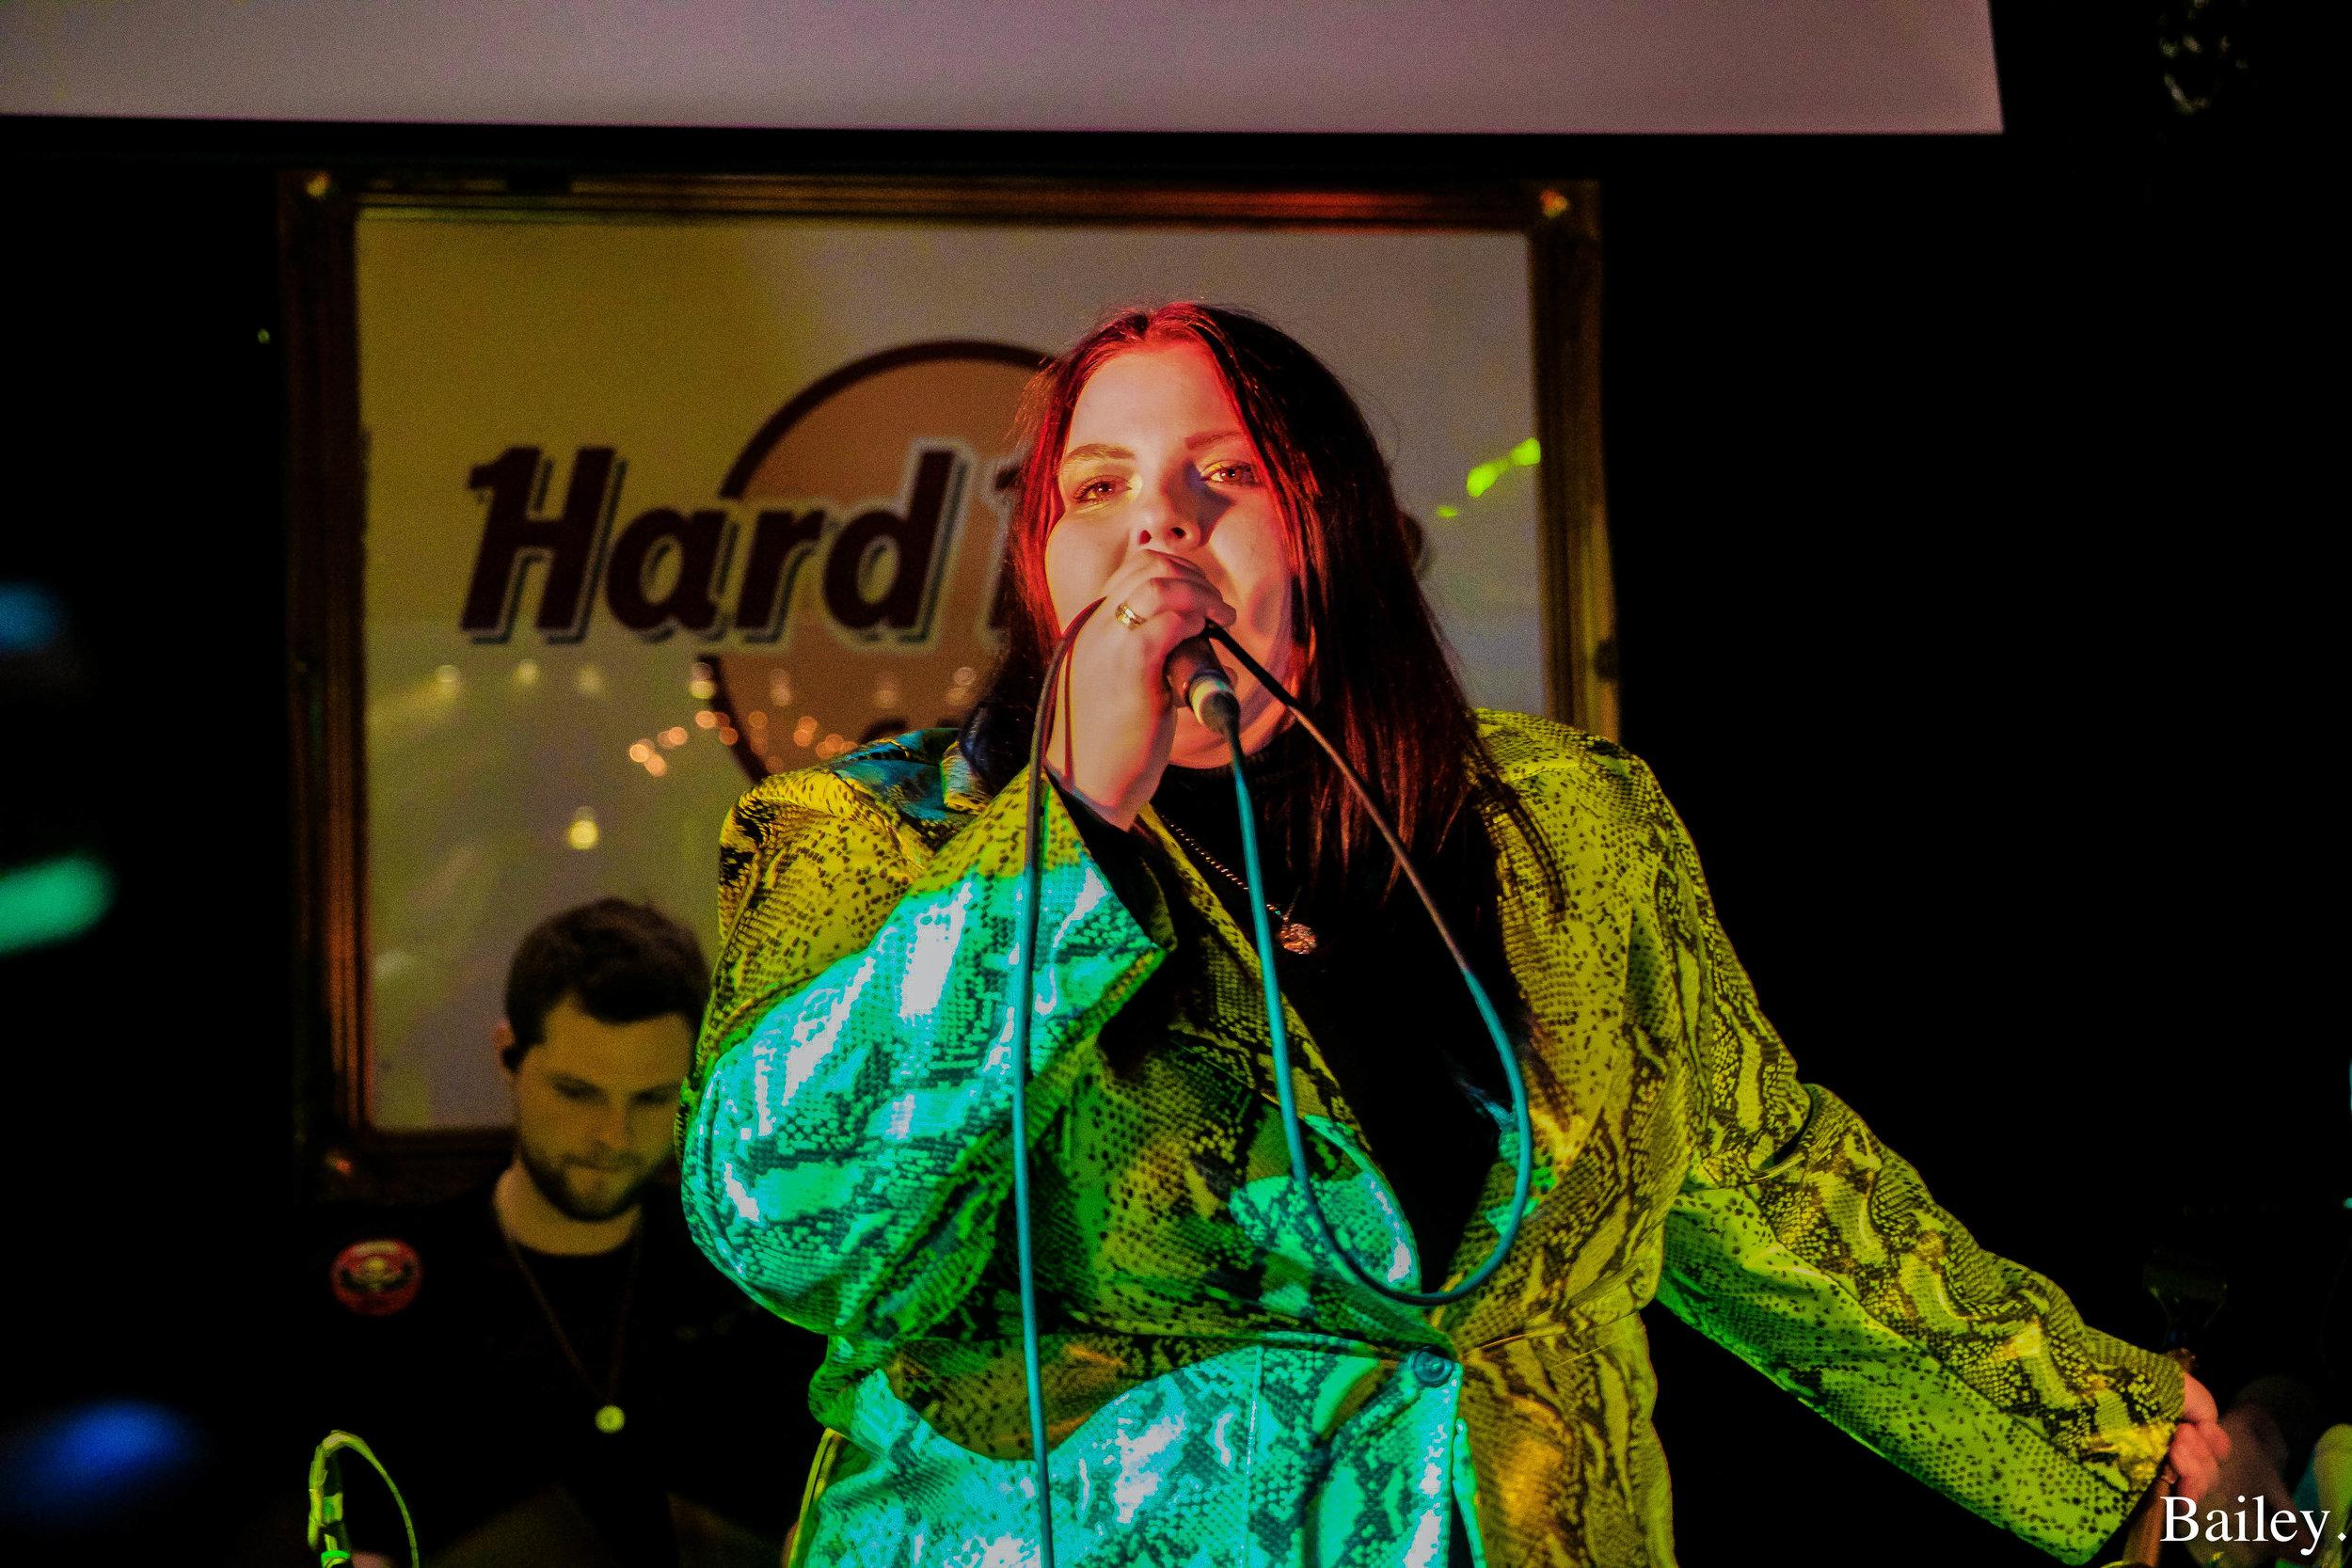 bang bang romeo at the hard rock cafe - Words + Photo: Elly Bailey